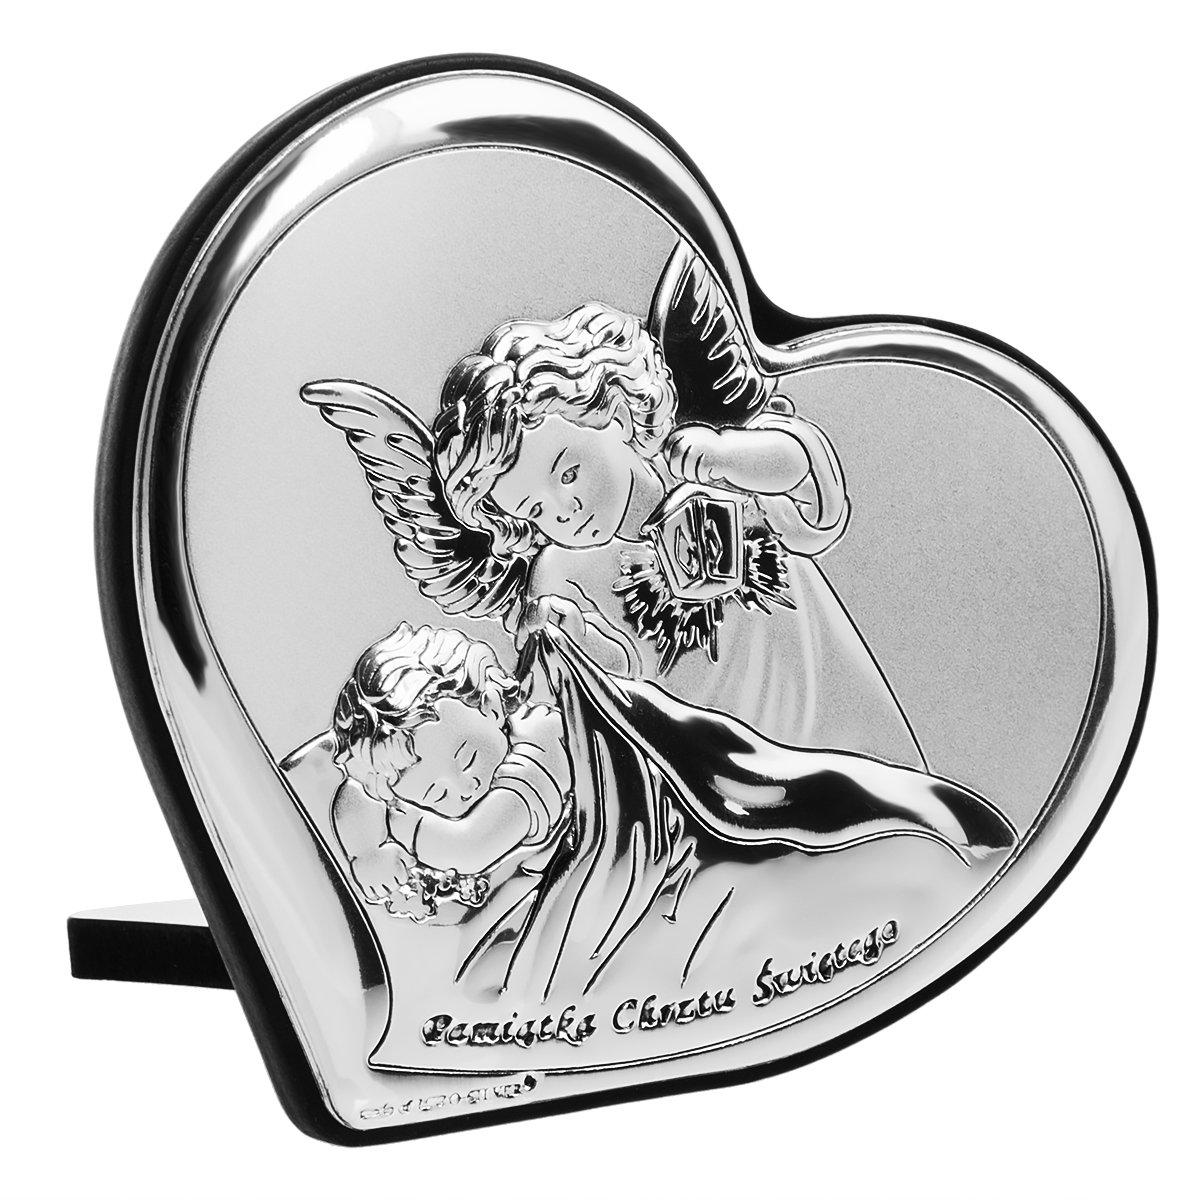 Srebrny Obrazek Aniolek Z Latarenka Pamiatka Chrztu Swietego